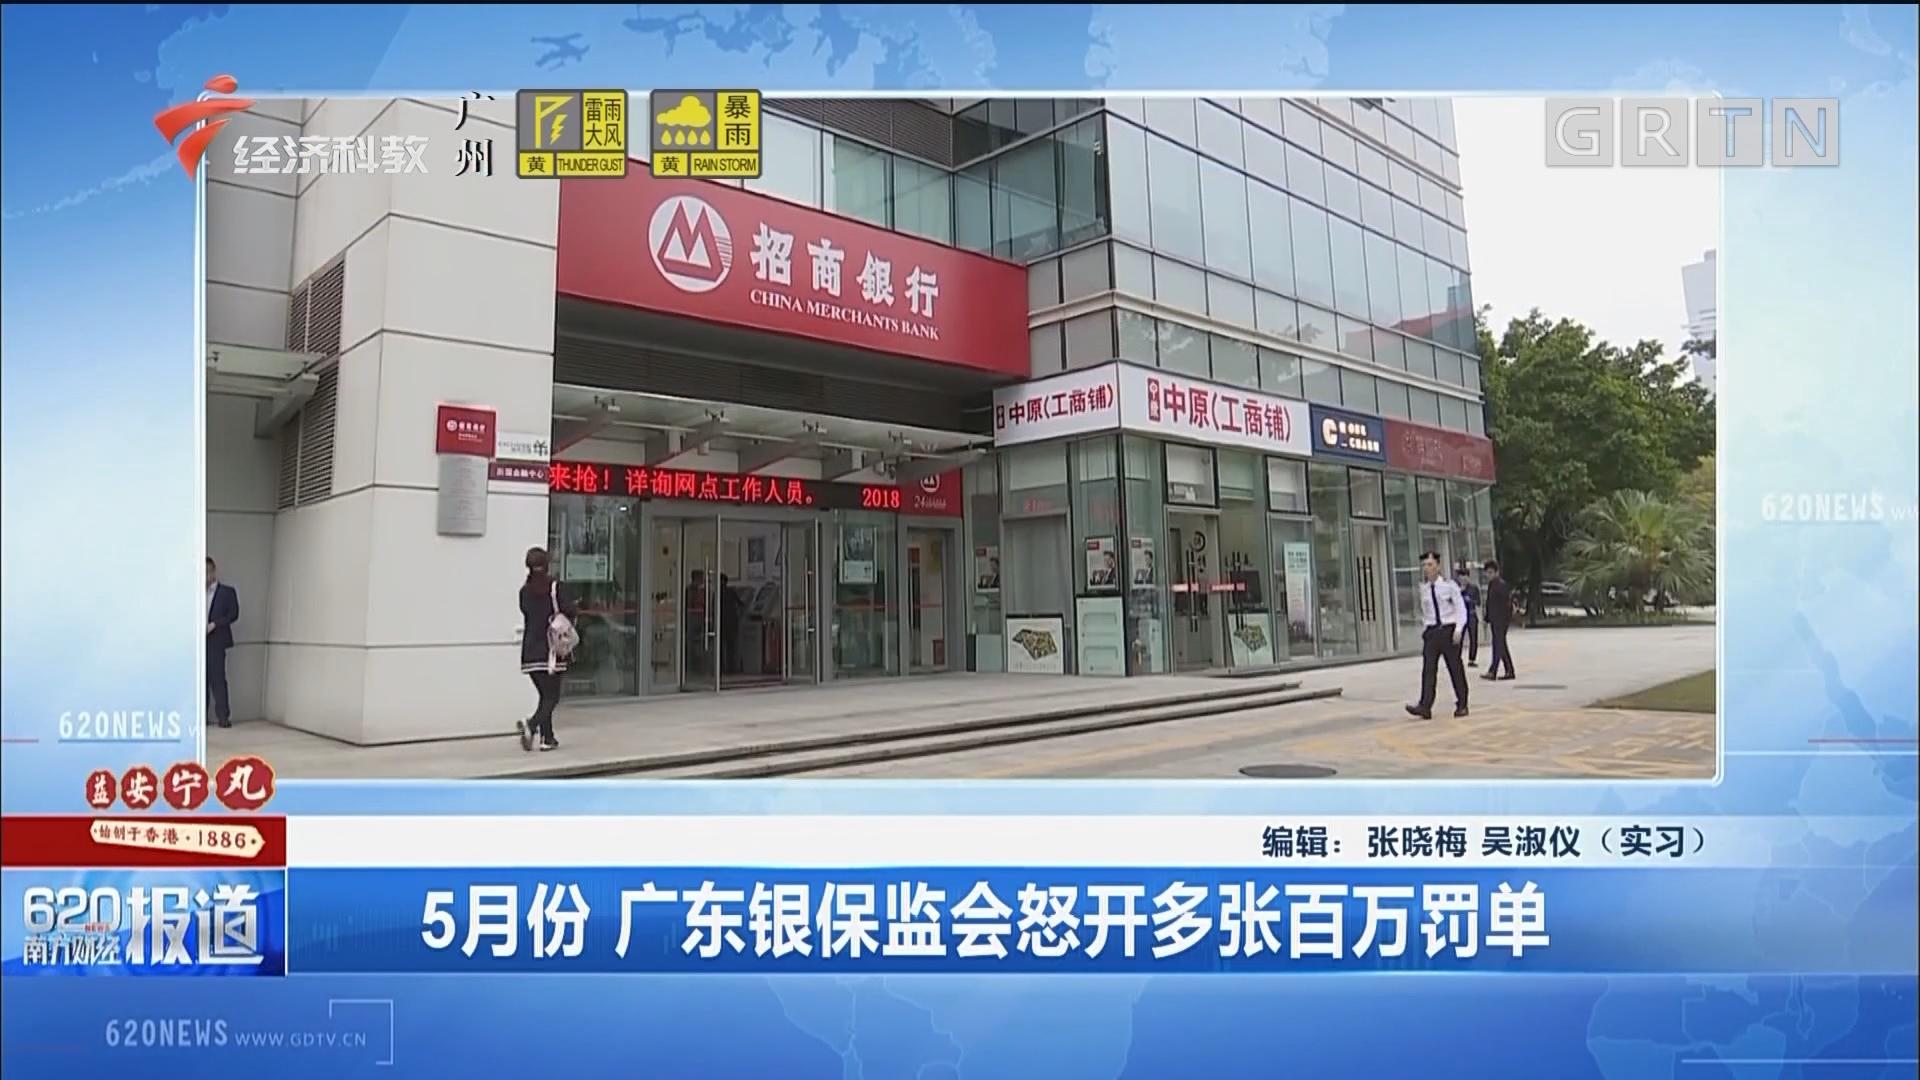 5月份 广东银保监会怒开多张百万罚单